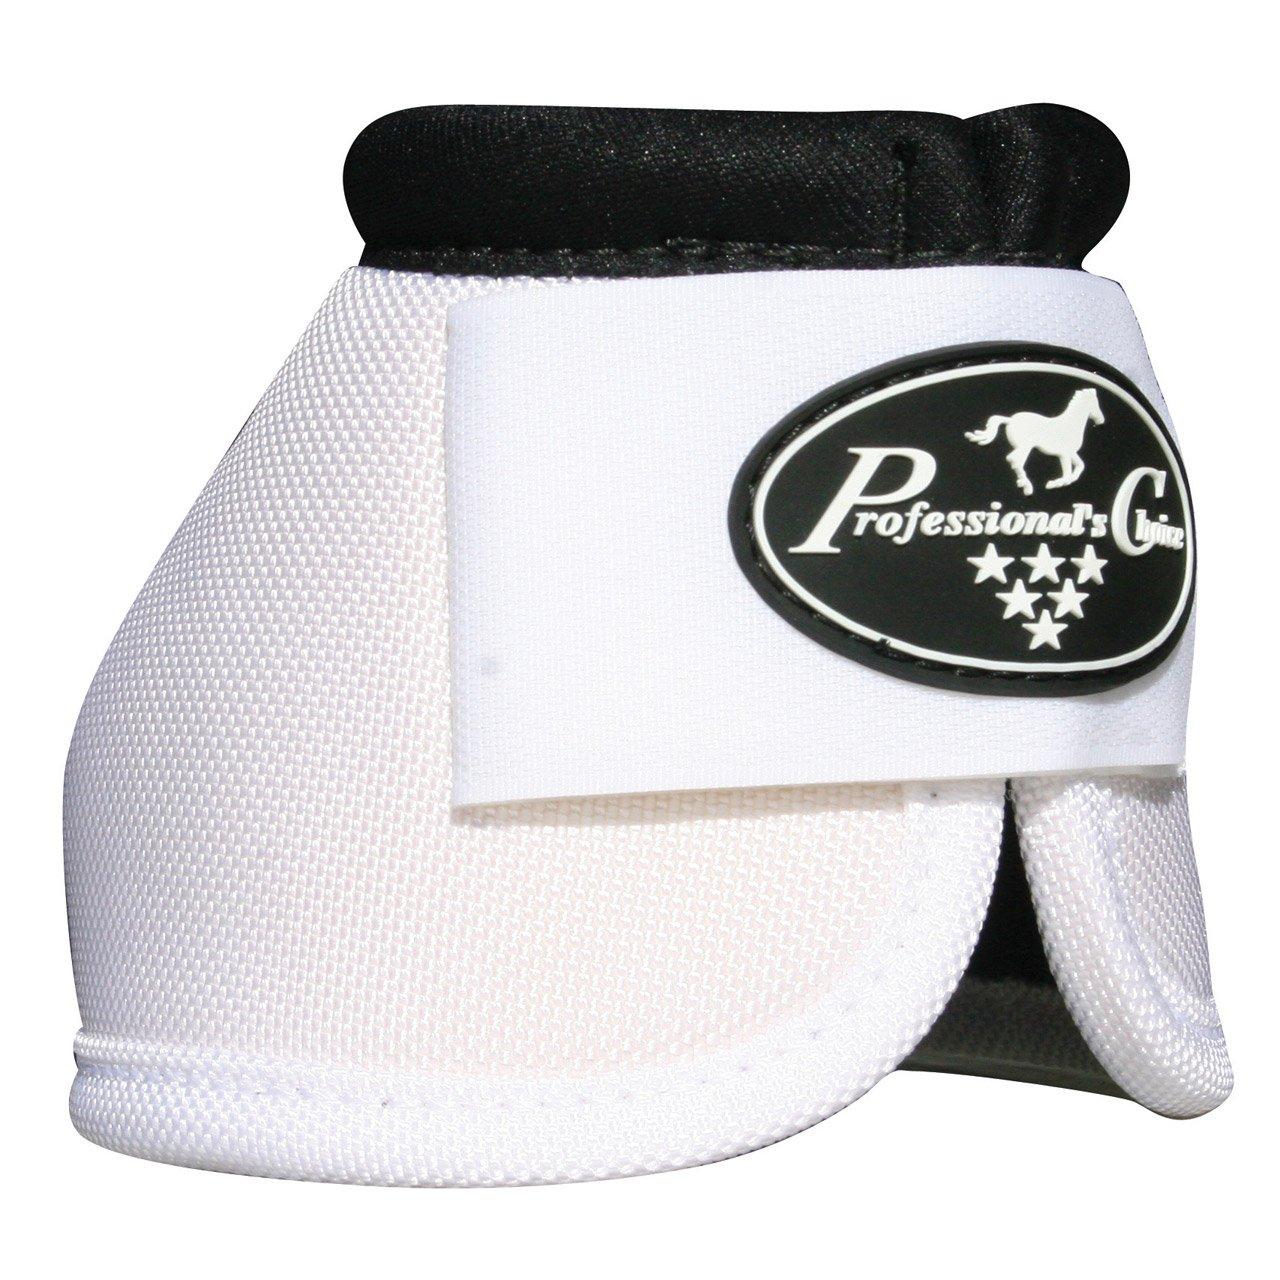 (プロフェッショナルズチョイス)Professional's Choice Ballistic™ ひづめオーバーリーチベルブーツ 2個1組 B00A5XDUFO Small|ホワイト ホワイト Small